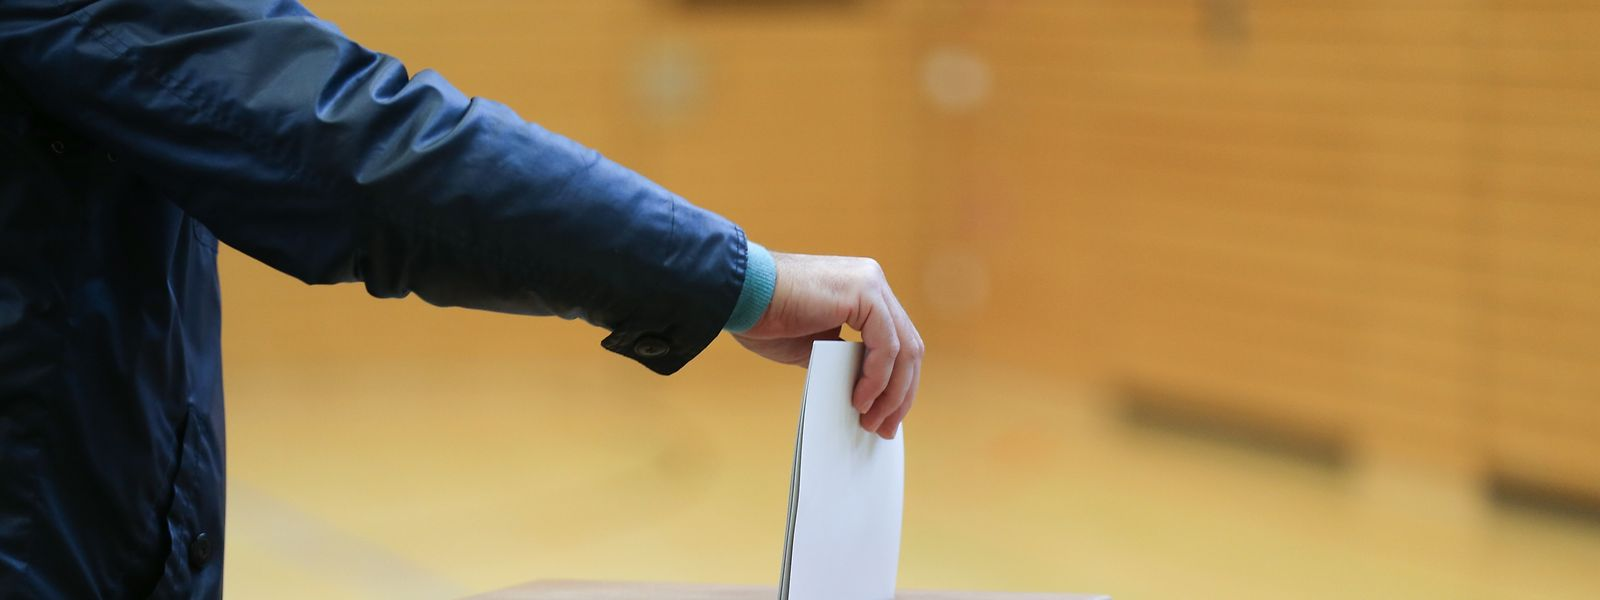 Die Parteien wollen, dass die Wähler ihr Kreuzchen an der richtigen Stelle machen. Doch die Überzeugungsarbeit bei den Wahlveranstaltungen erweist sich als mühseliges Geschäft.